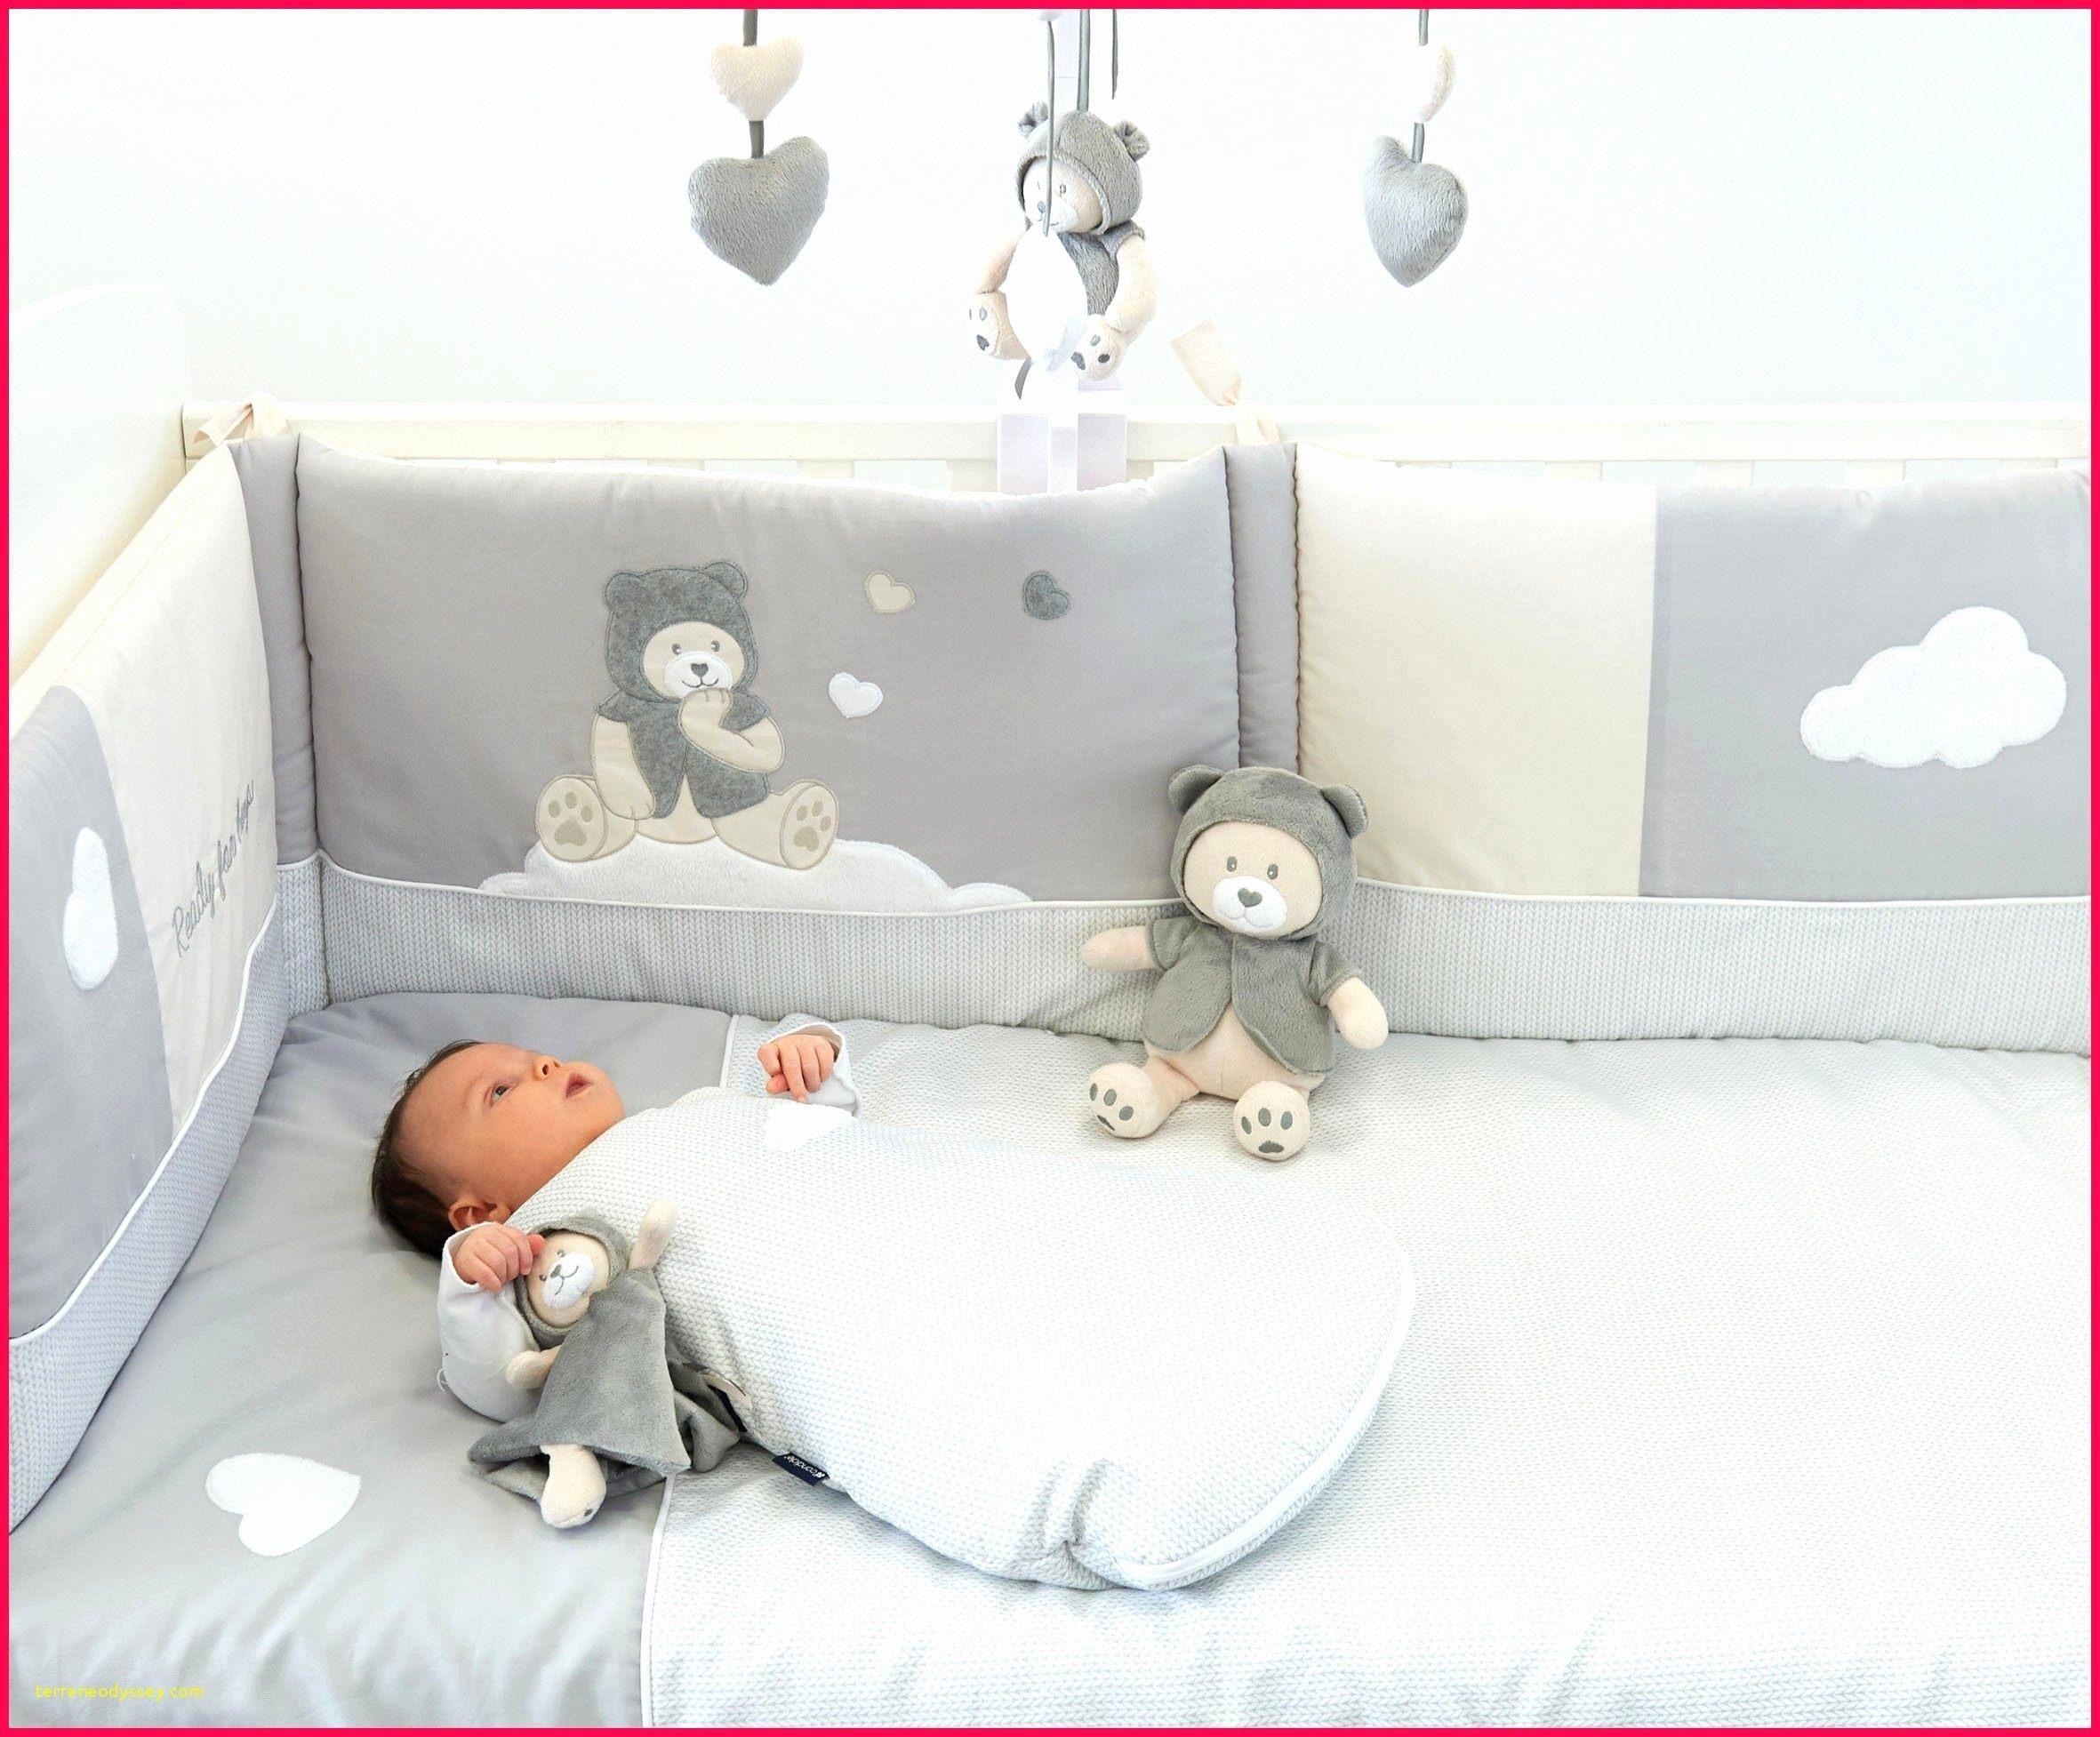 Lit Enfant Extensible Meilleur De Lit Evolutif Avec Matelas Impressionnant Lit Bebe Evolutif Avec